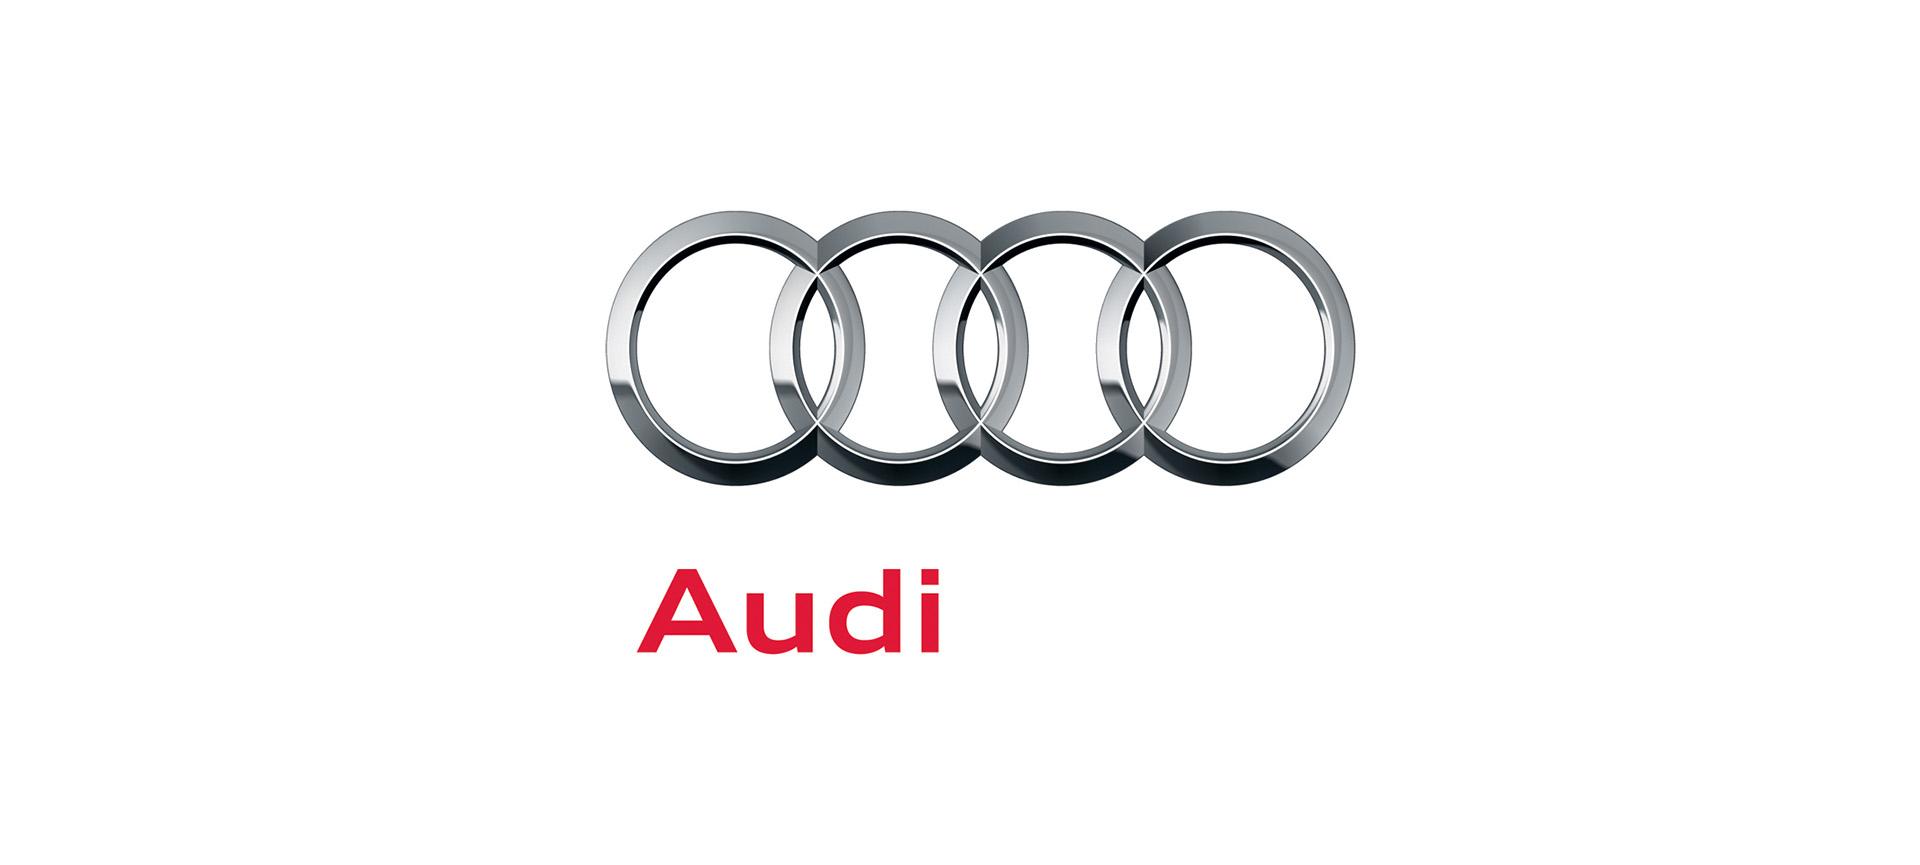 Audi_container_2